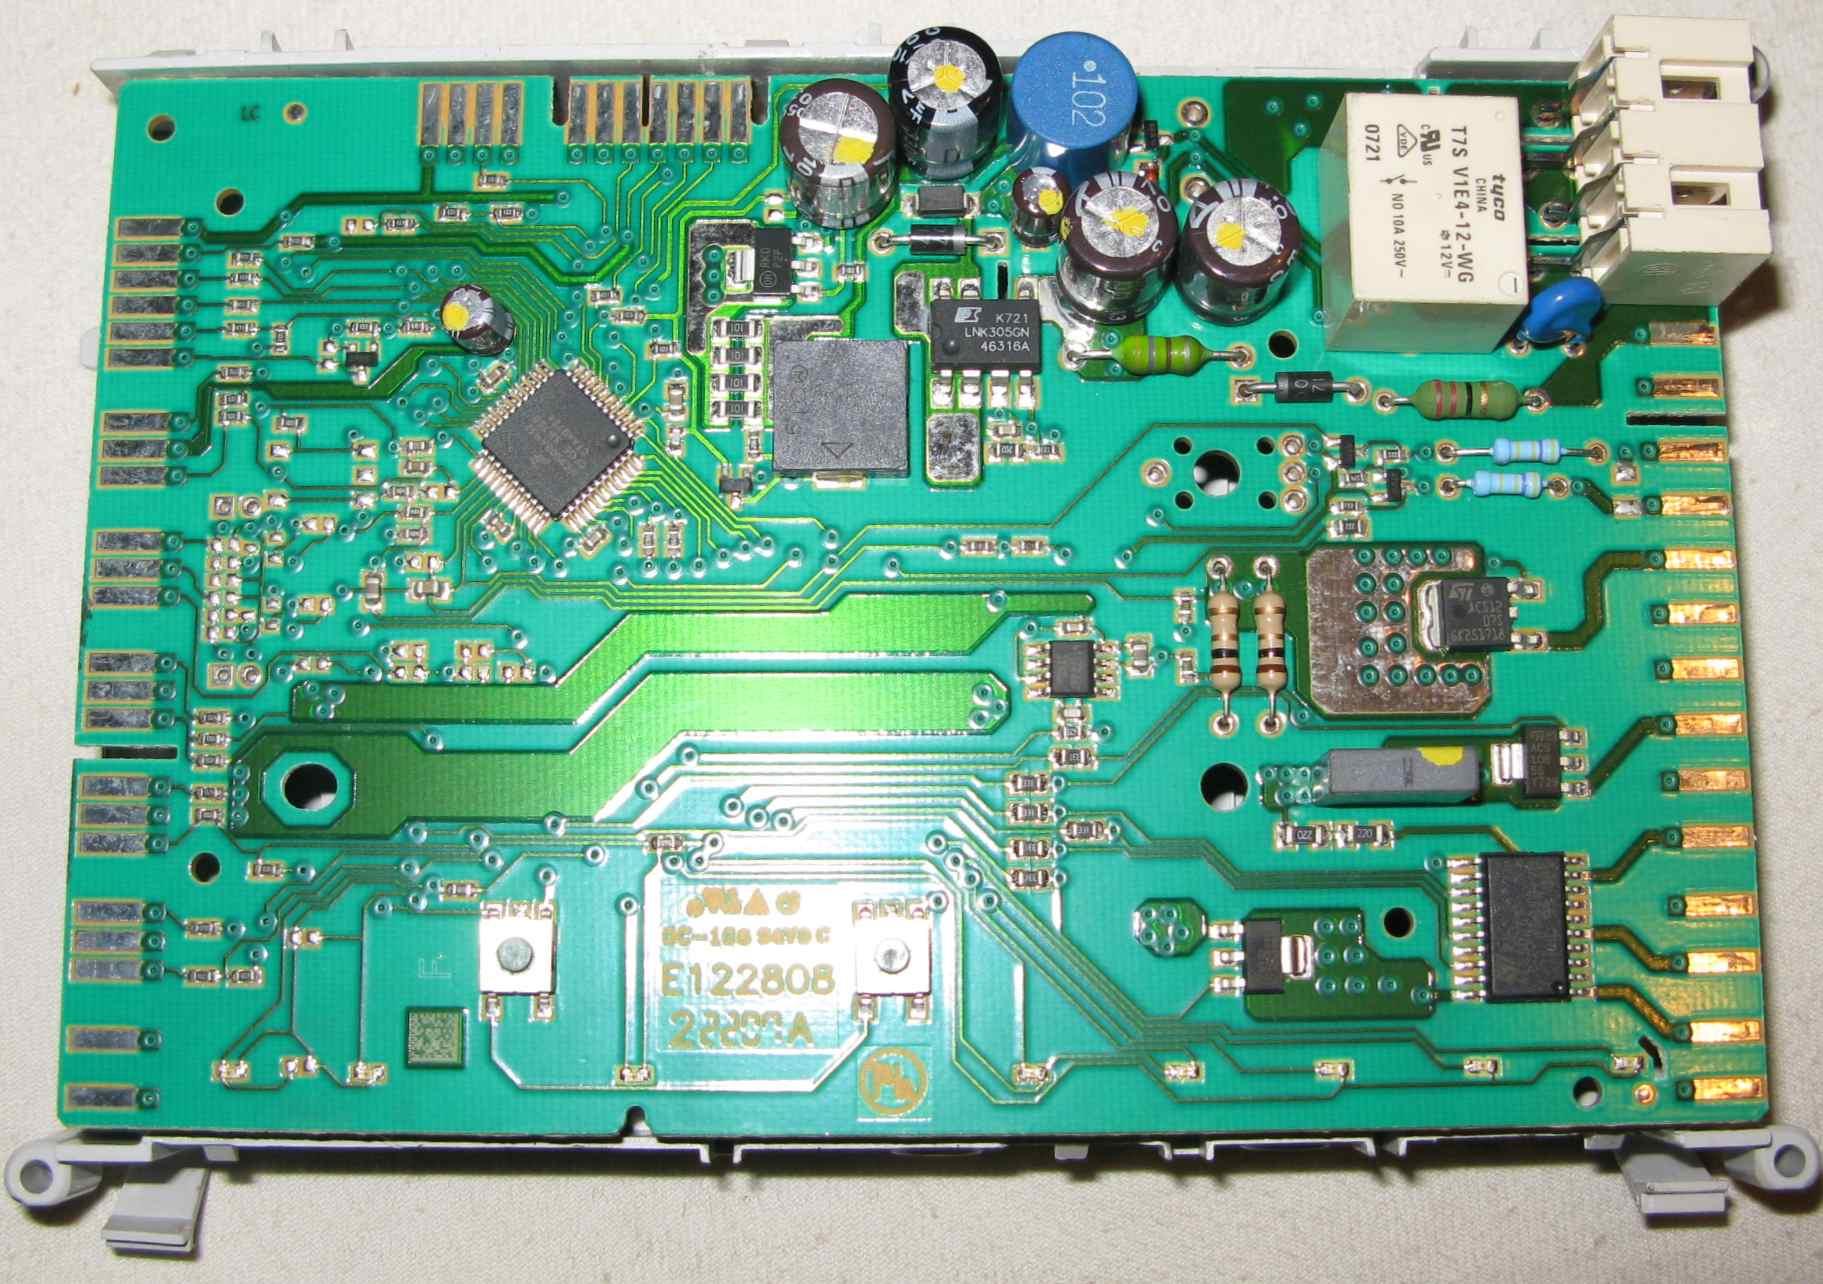 Whirlpool ADG7440/1 wymiana pompy magnetycznej na indukcyjn�, F4, wy��cza